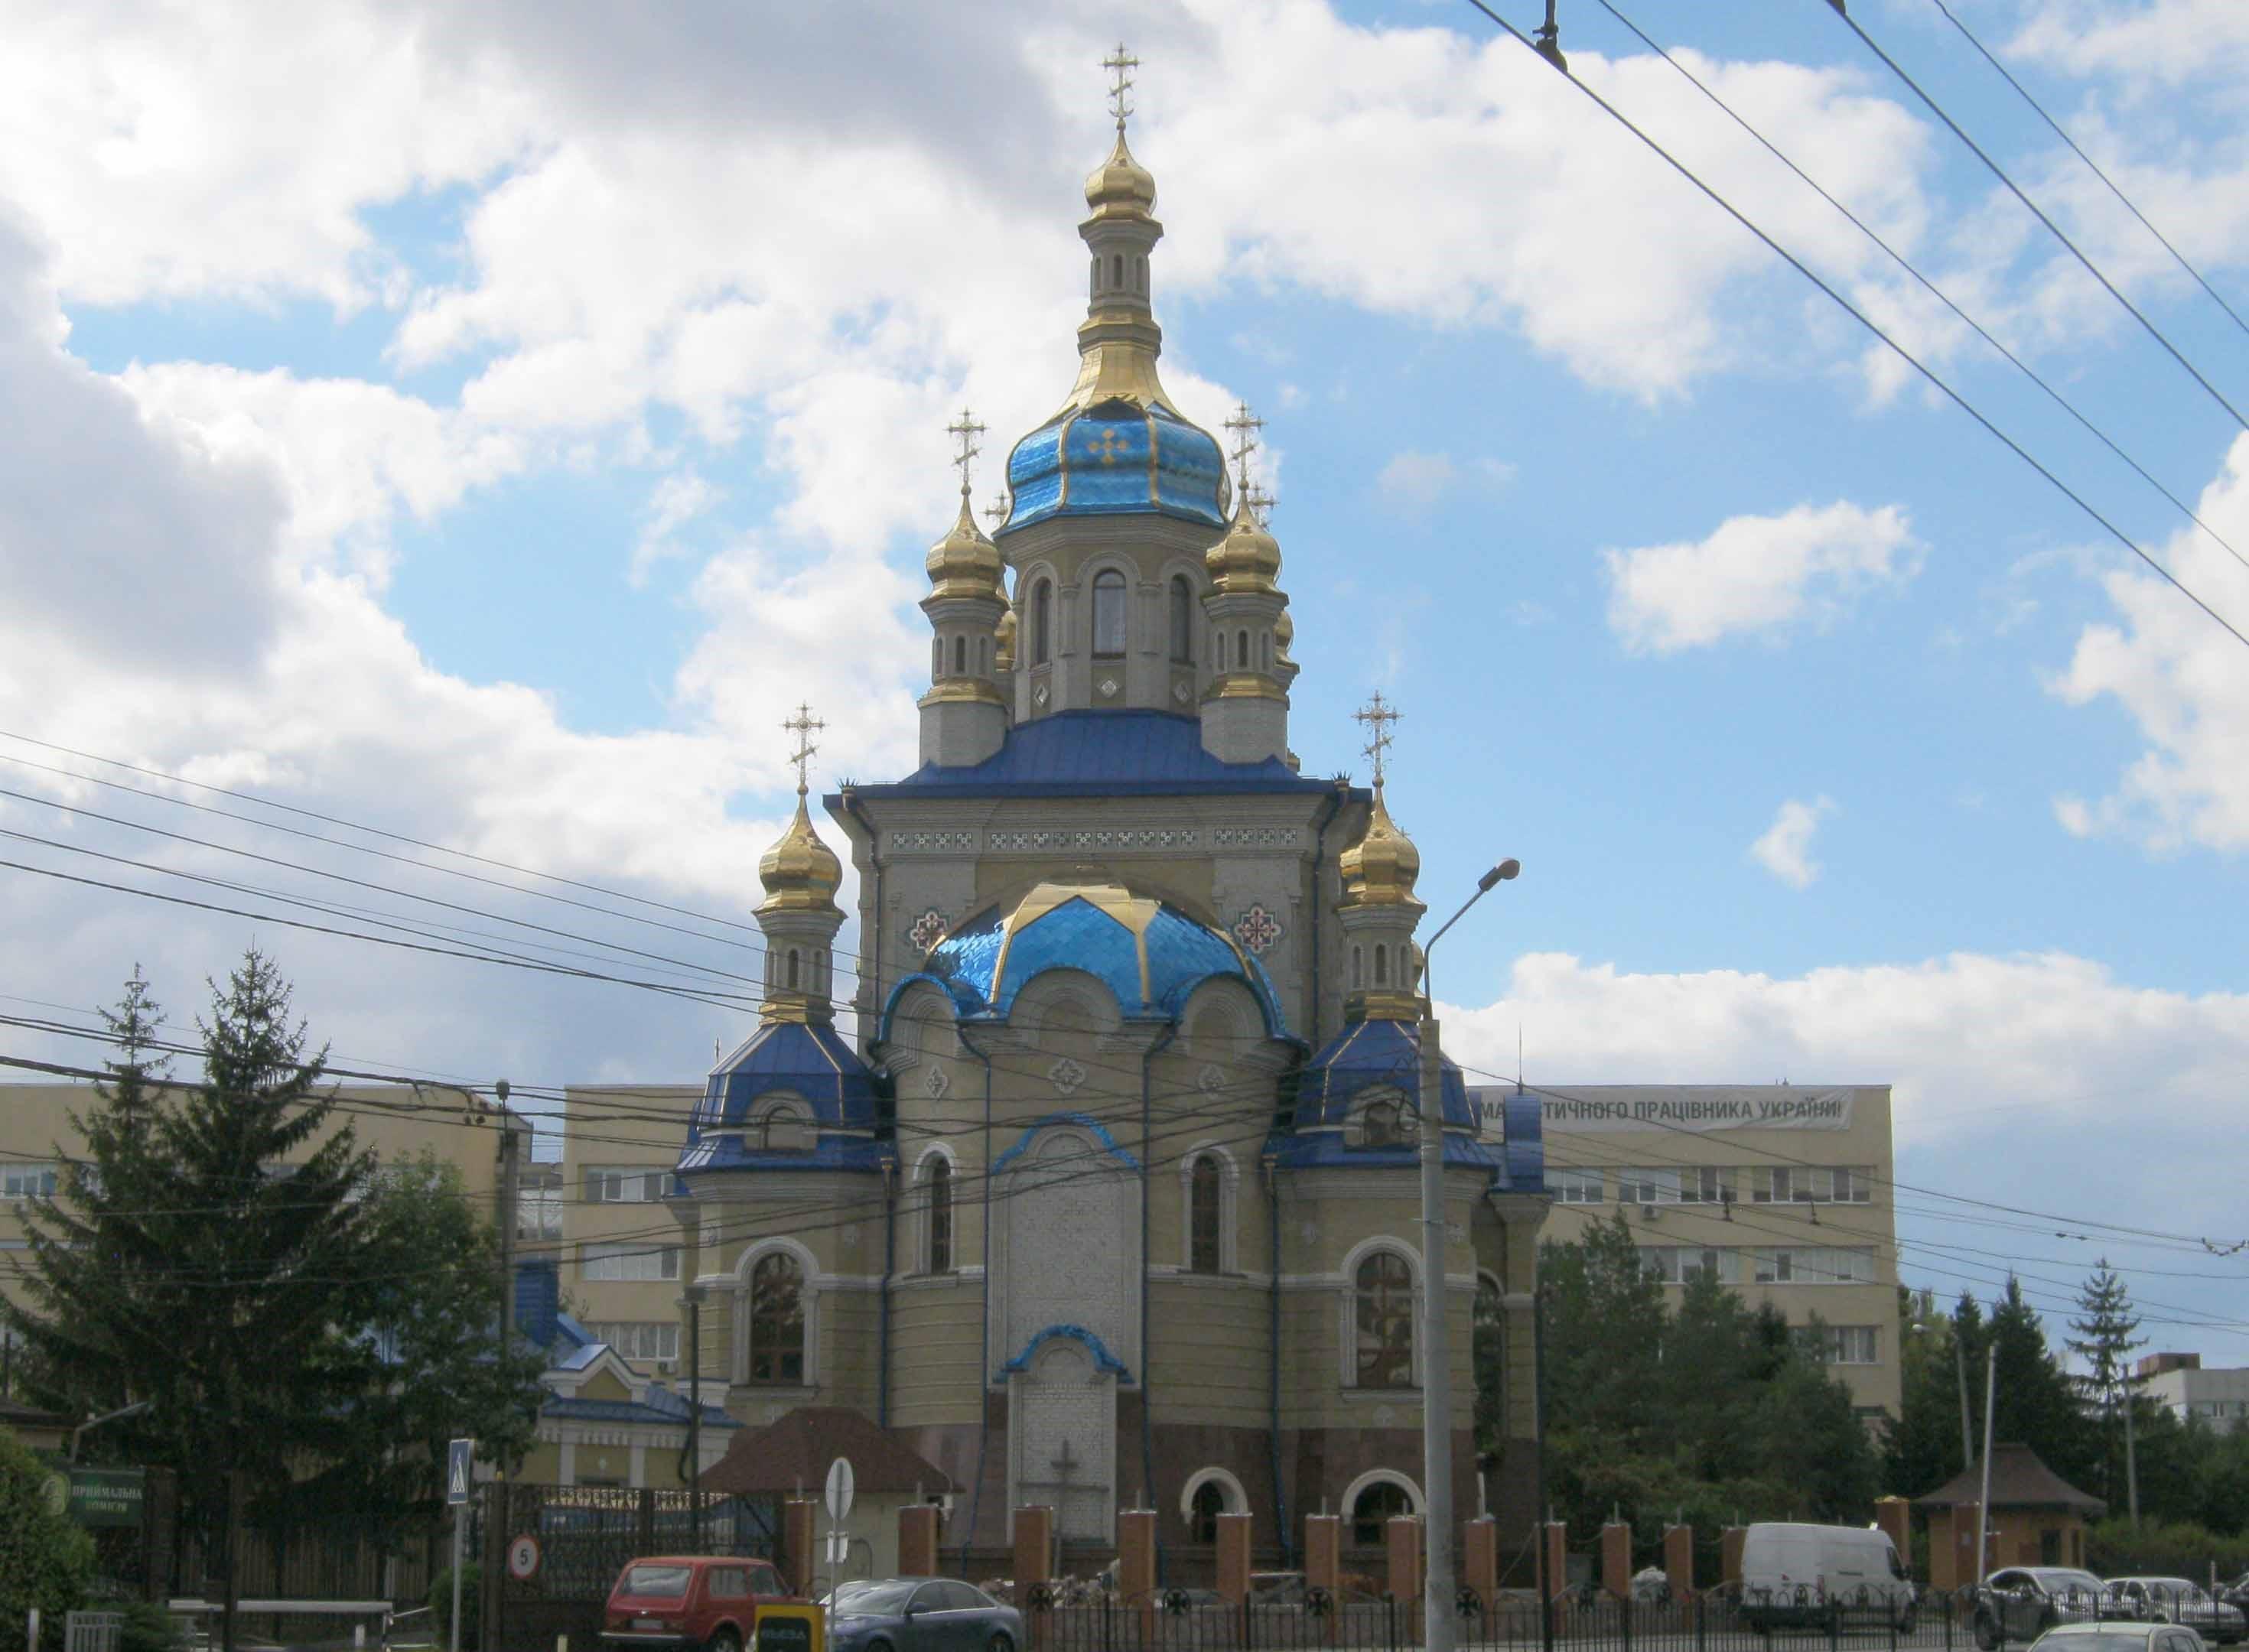 Храм святого Валентина на ул. Валентиновской